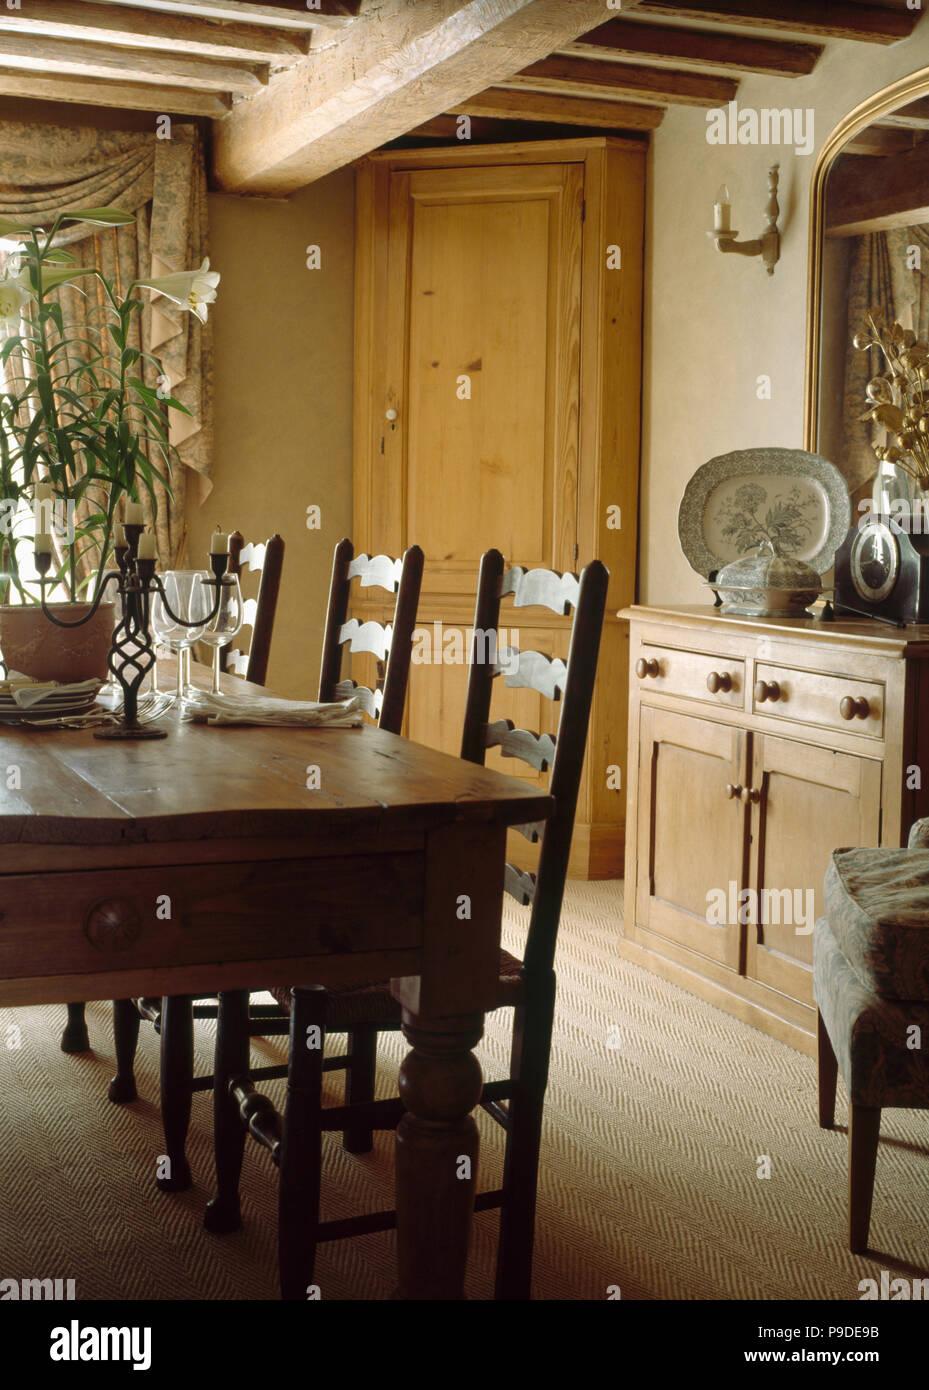 Sisal Teppich In Holzbalkendecken Cottage Esszimmer Mit Antiken